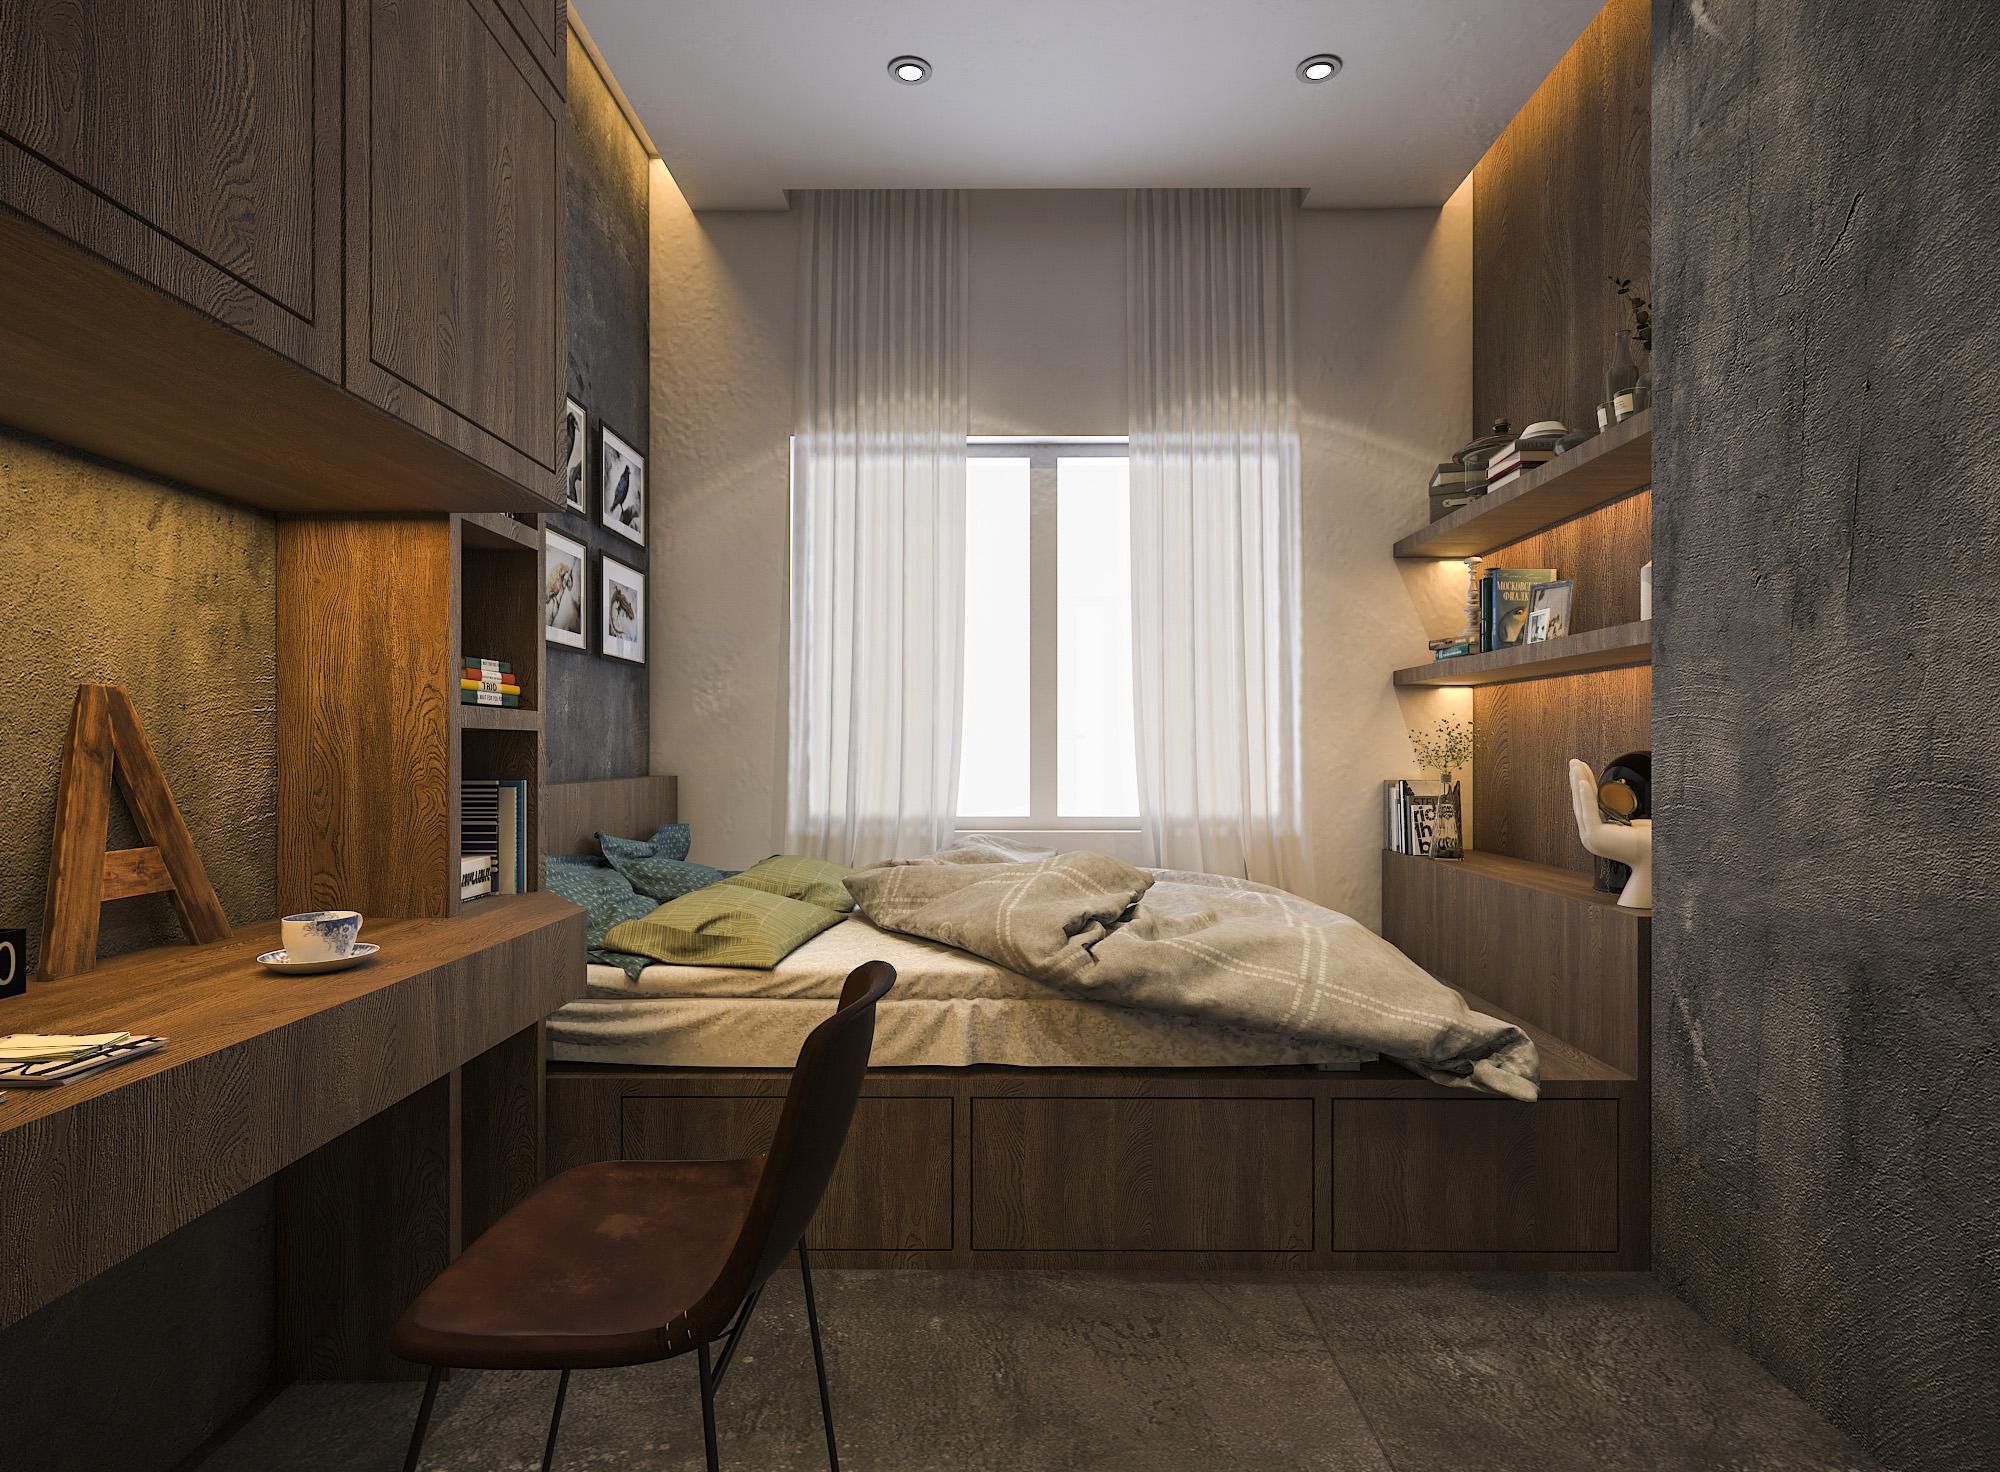 thiết kế nội thất chung cư tại Hồ Chí Minh Mr. Thuận Apartment 16 1544198879